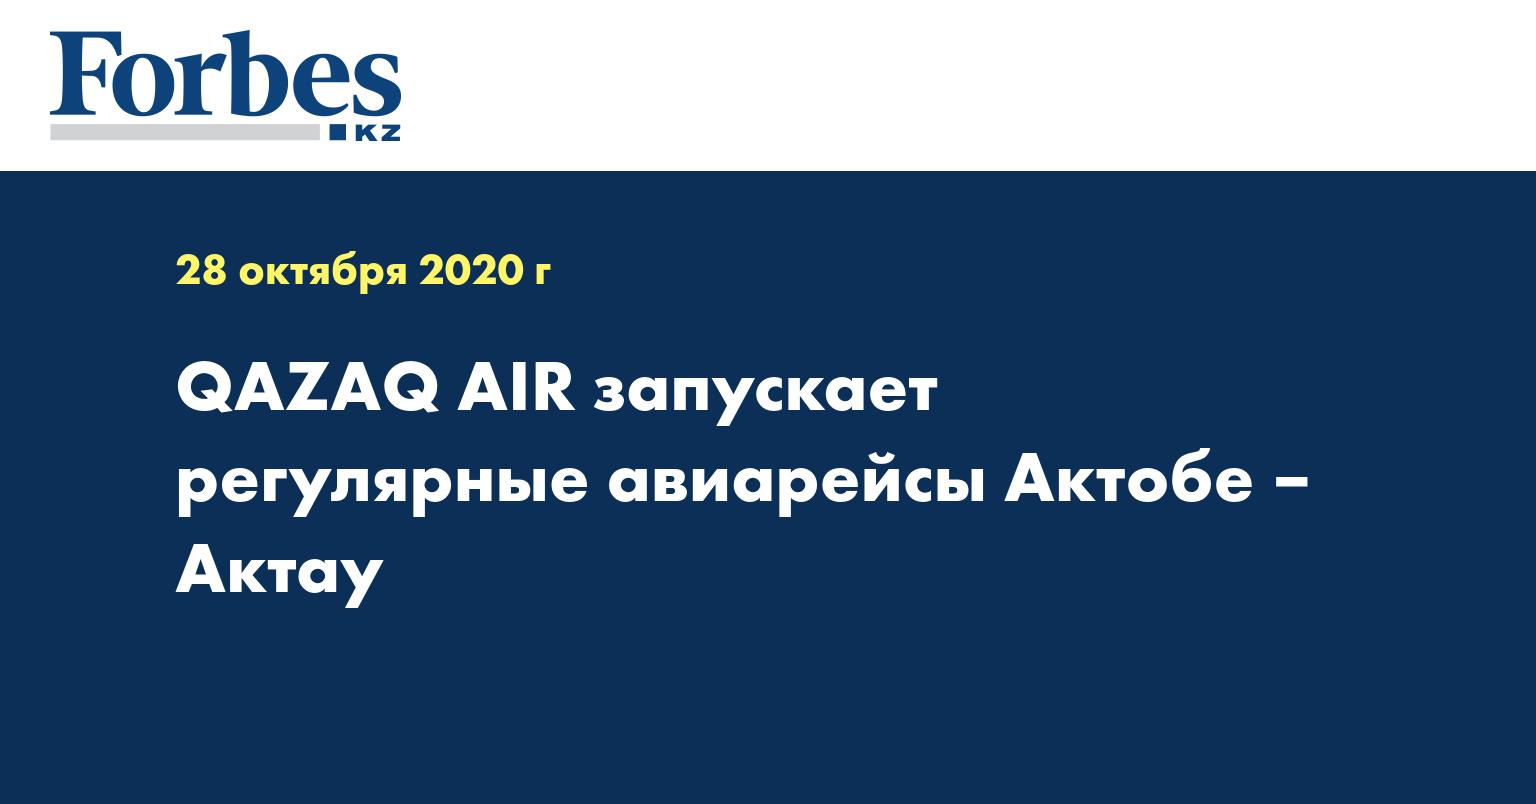 QAZAQ AIR запускает регулярные авиарейсы Актобе – Актау